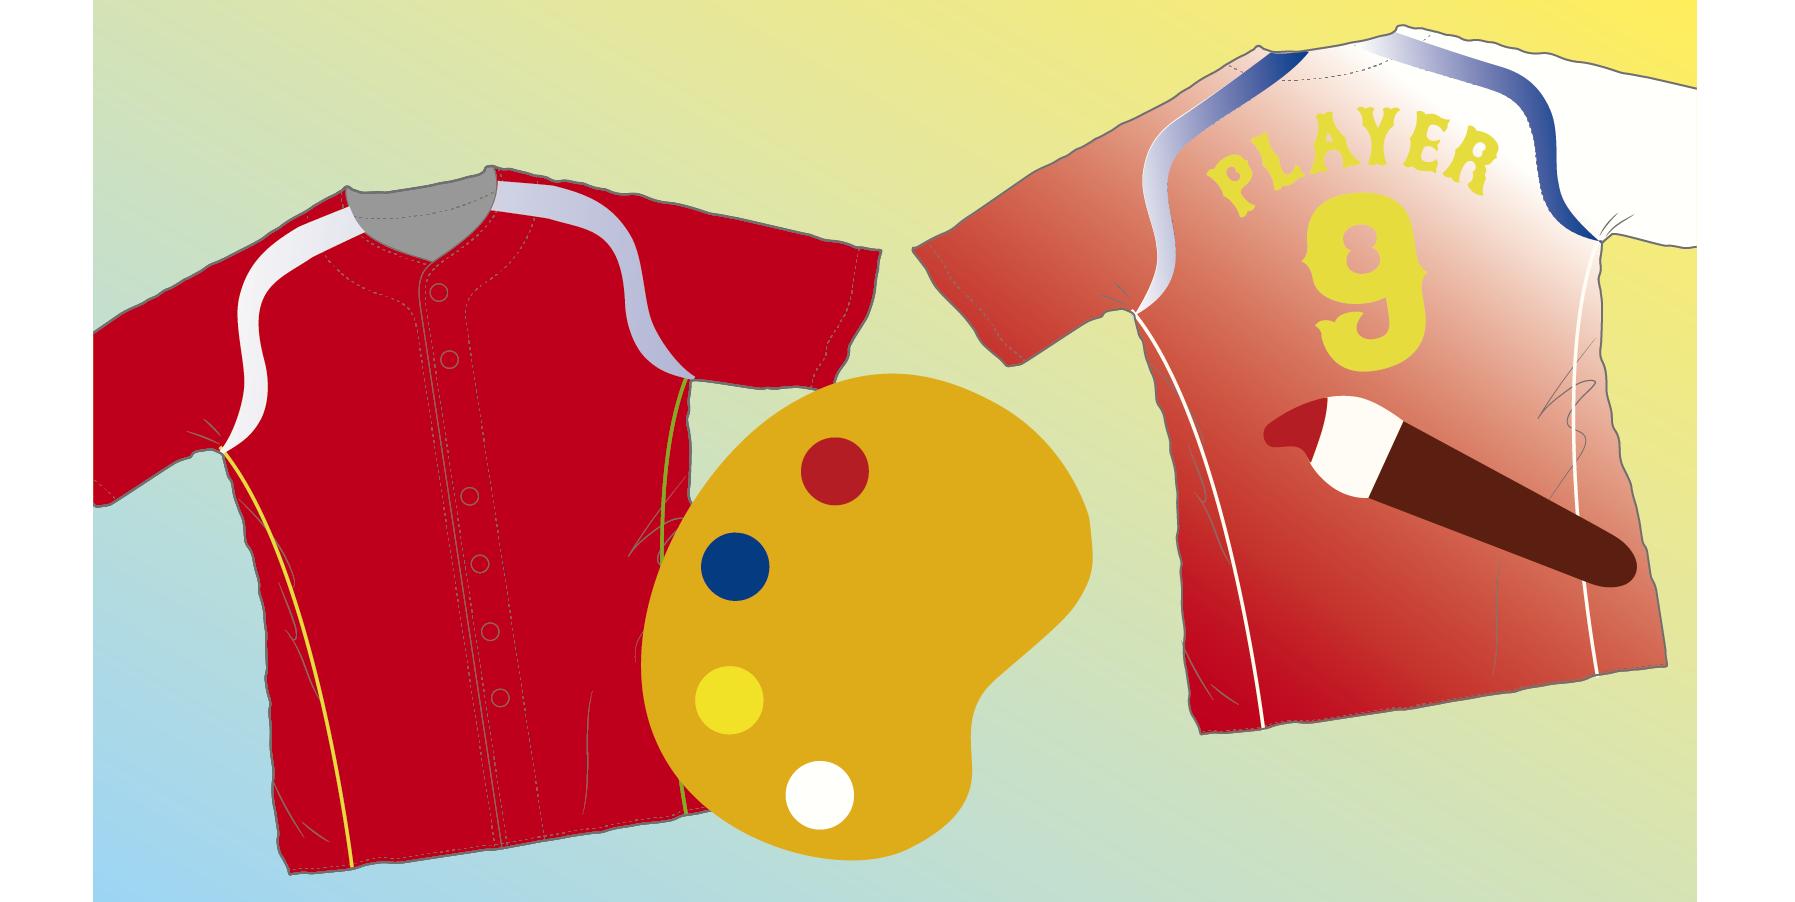 野球ユニフォーム【同じ配色なのに印象が変わる】配色レイアウトの解説's image